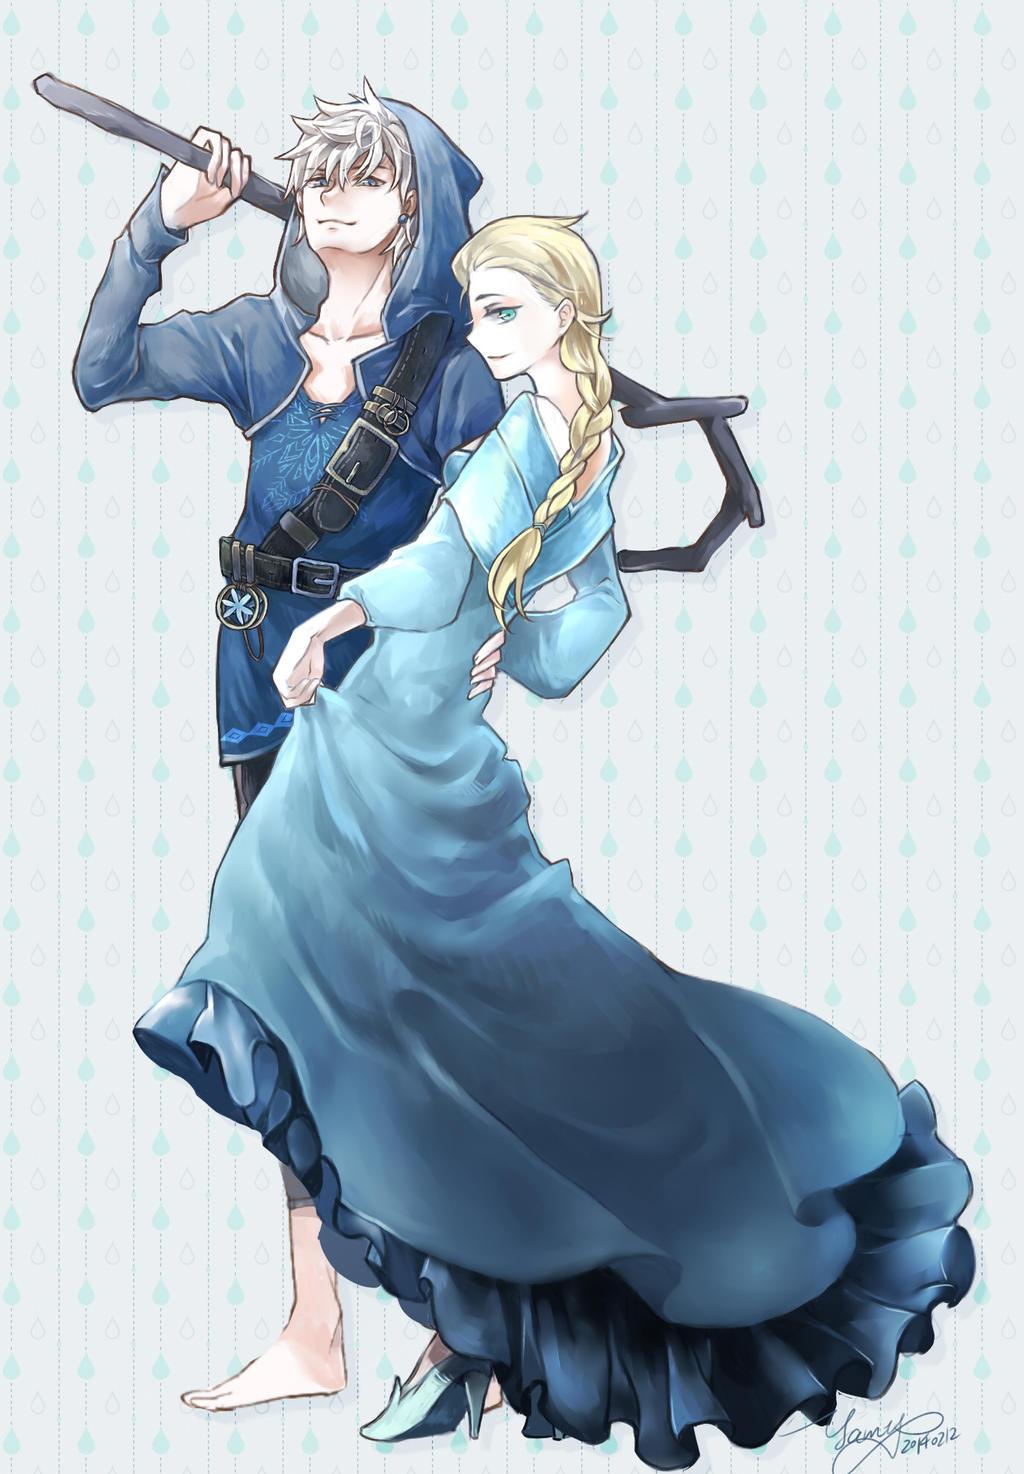 Frozen Sherwood by Yamygugu